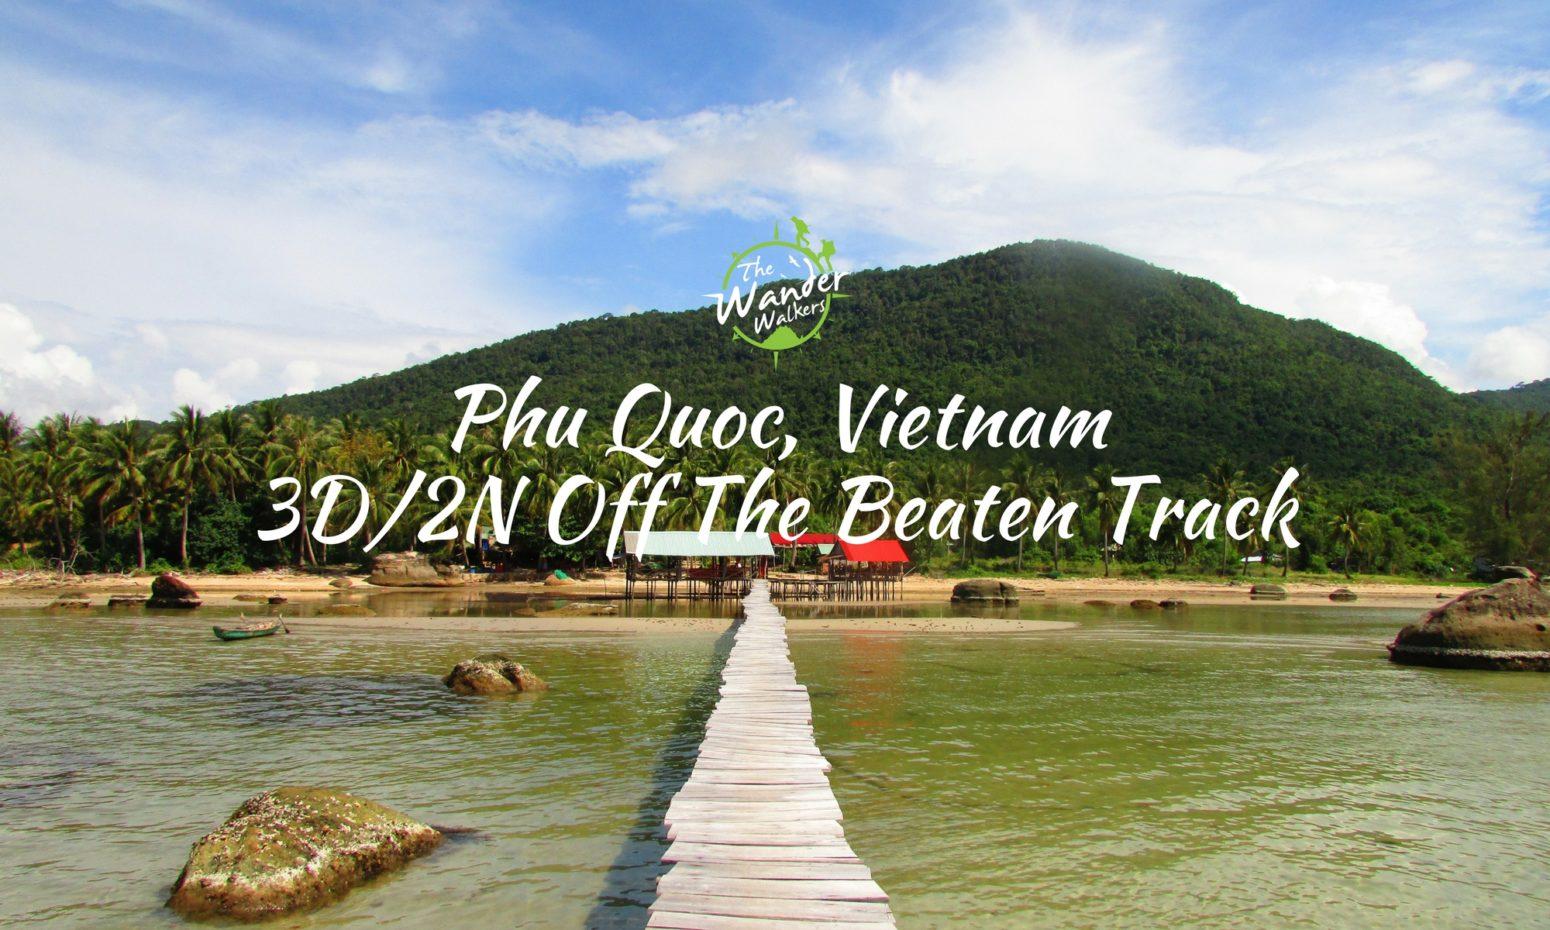 phu quoc vietnam itinerary